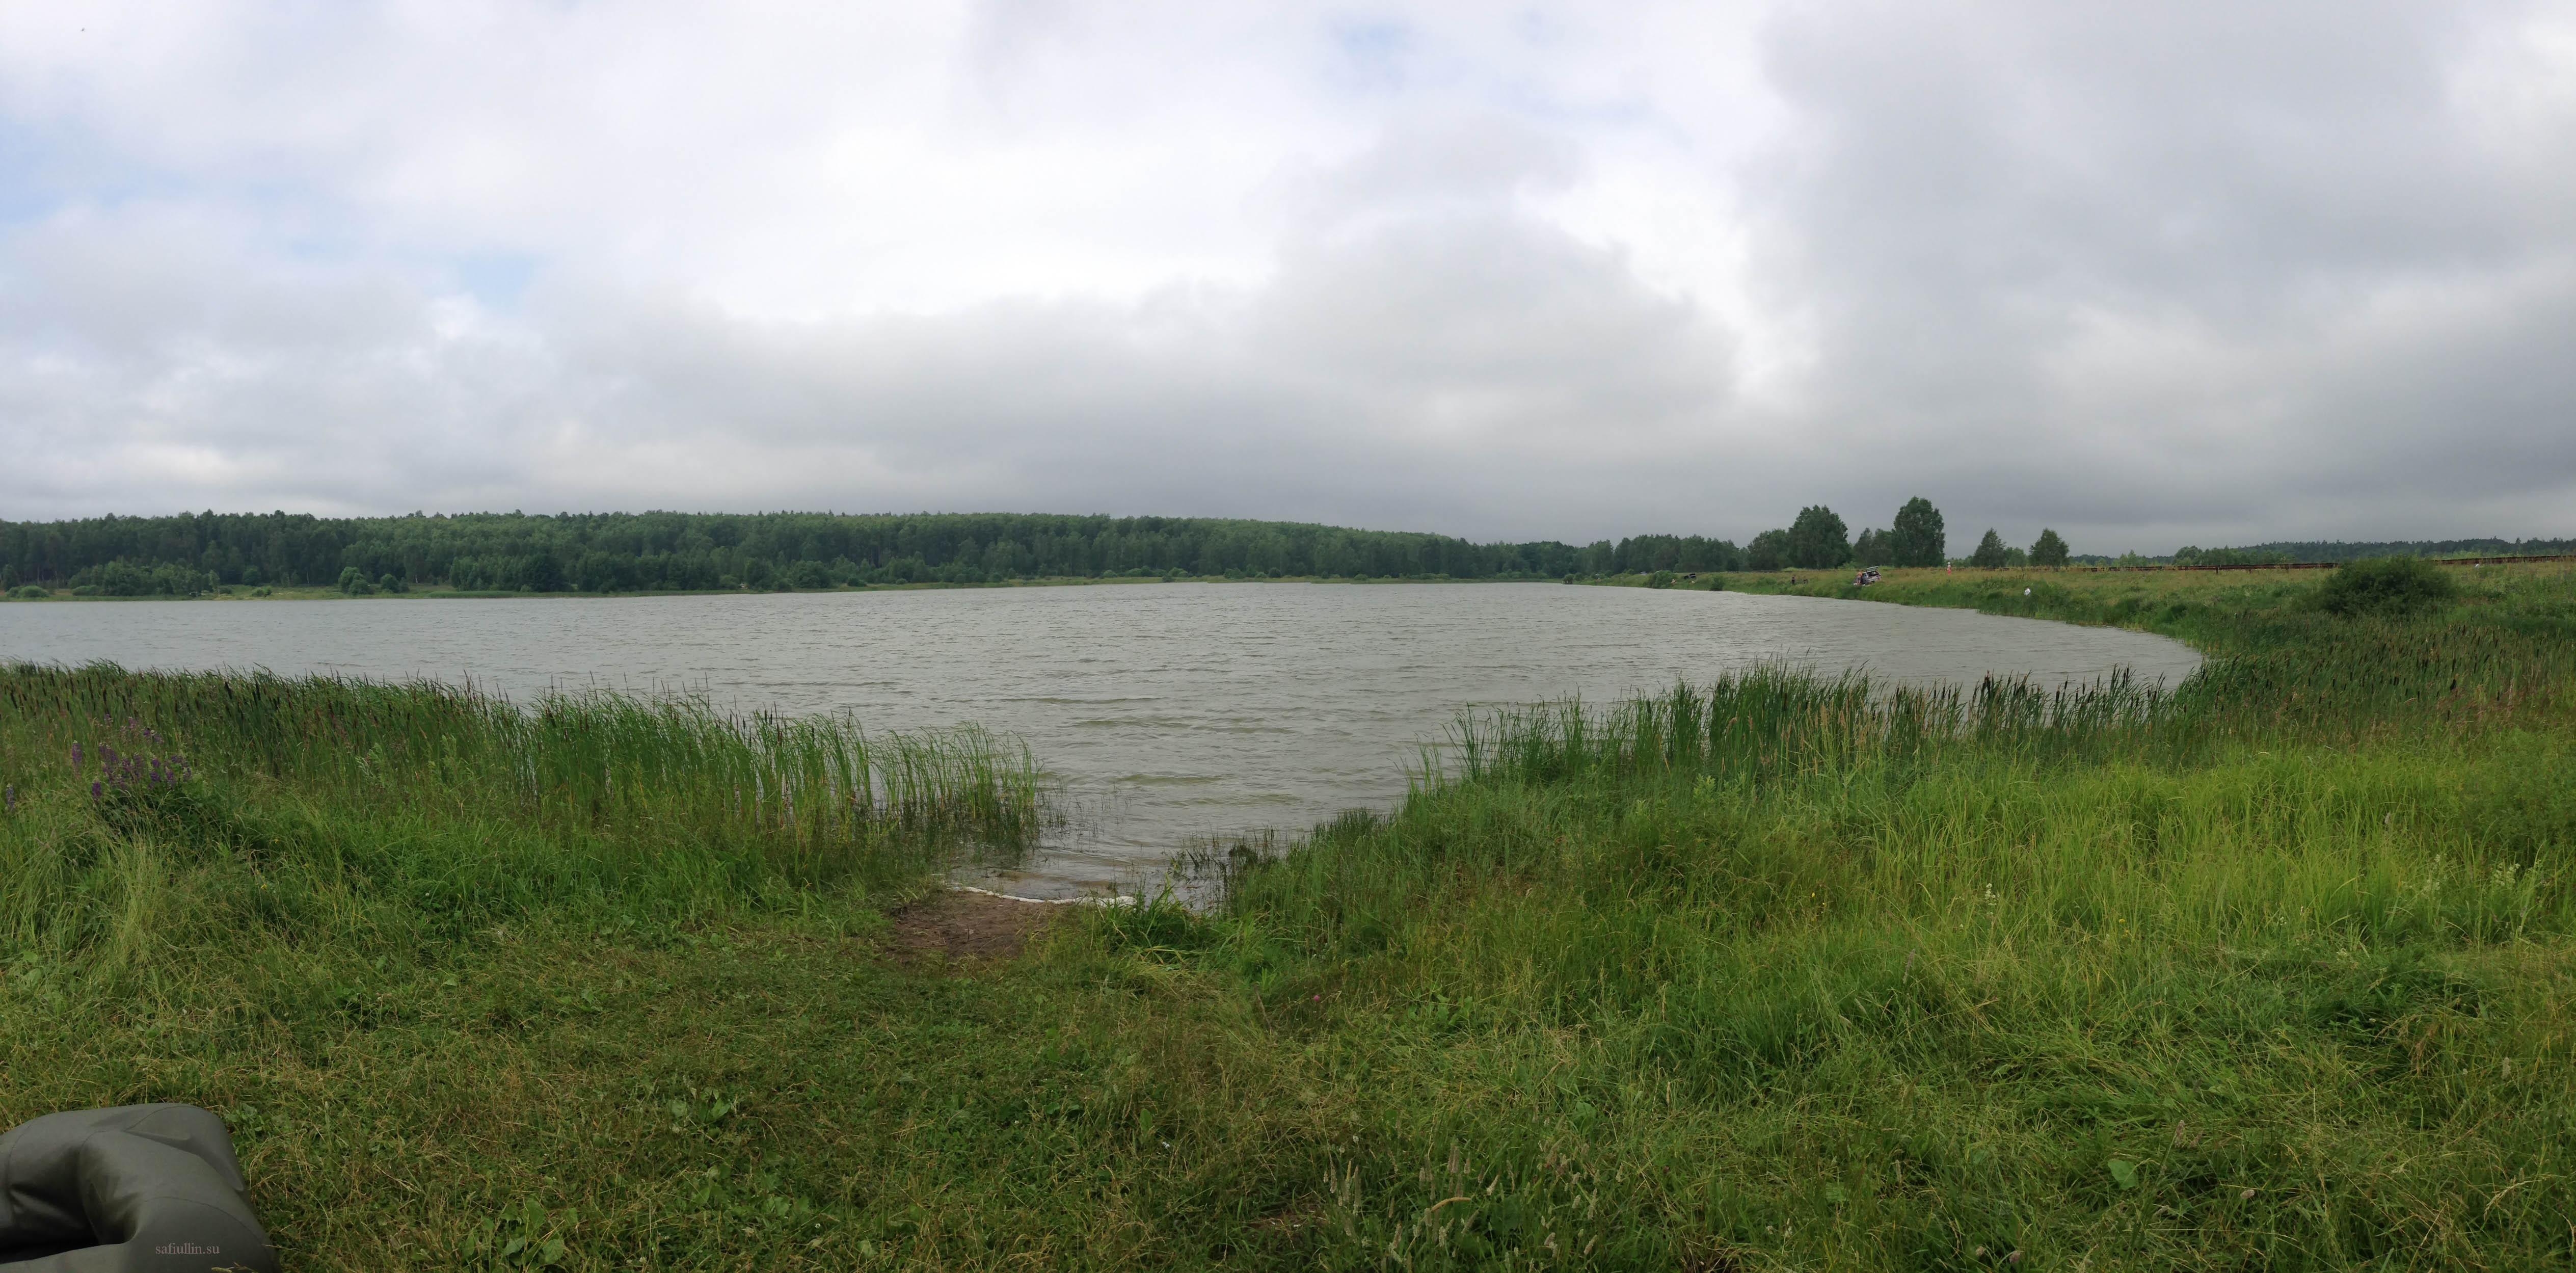 Генеральское озеро Нижегородская область пейзажи природы Альберт Сафиуллин